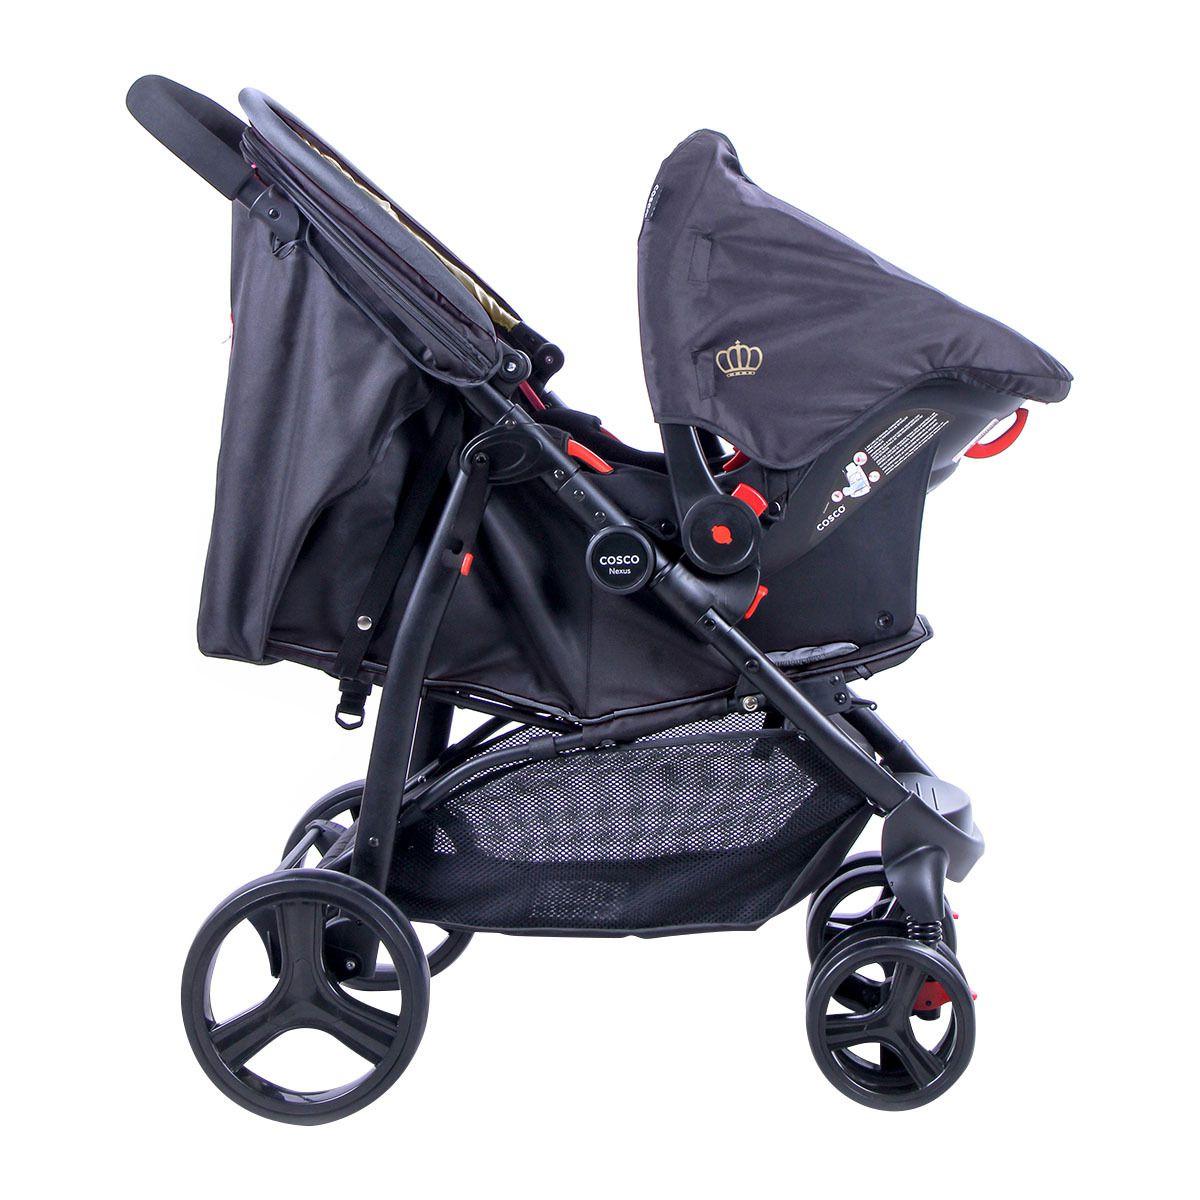 ... Carrinho de Bebê Travel System Nexus Preto + BB conforto - Cosco -  Tbabykids 1e8e706df81